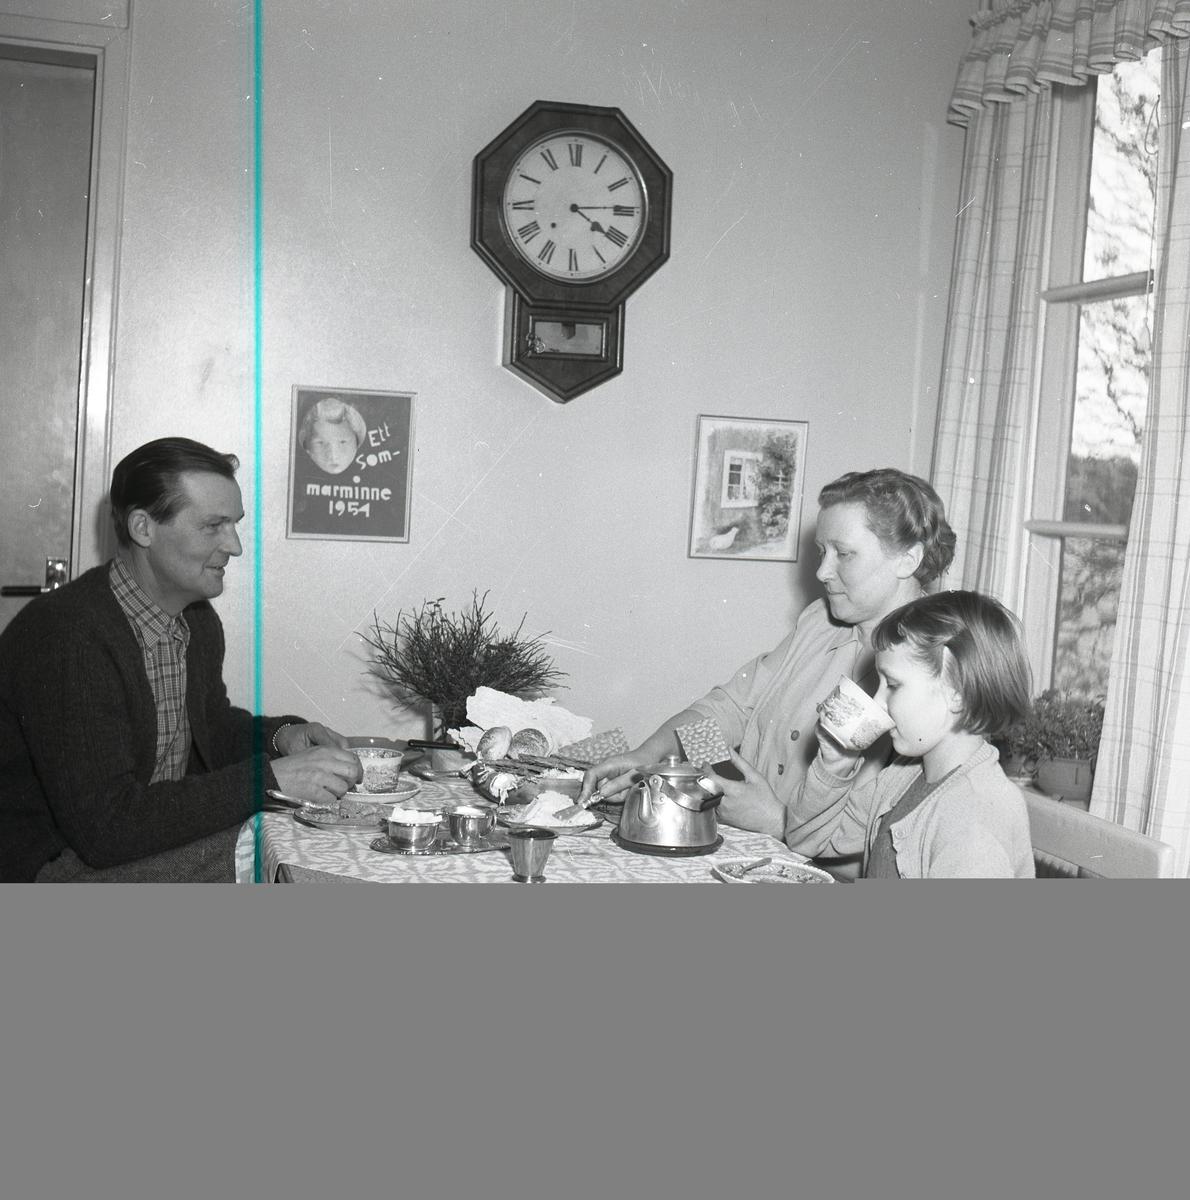 Två vuxna och ett barn sitter vid ett köksbordoch dricker te.